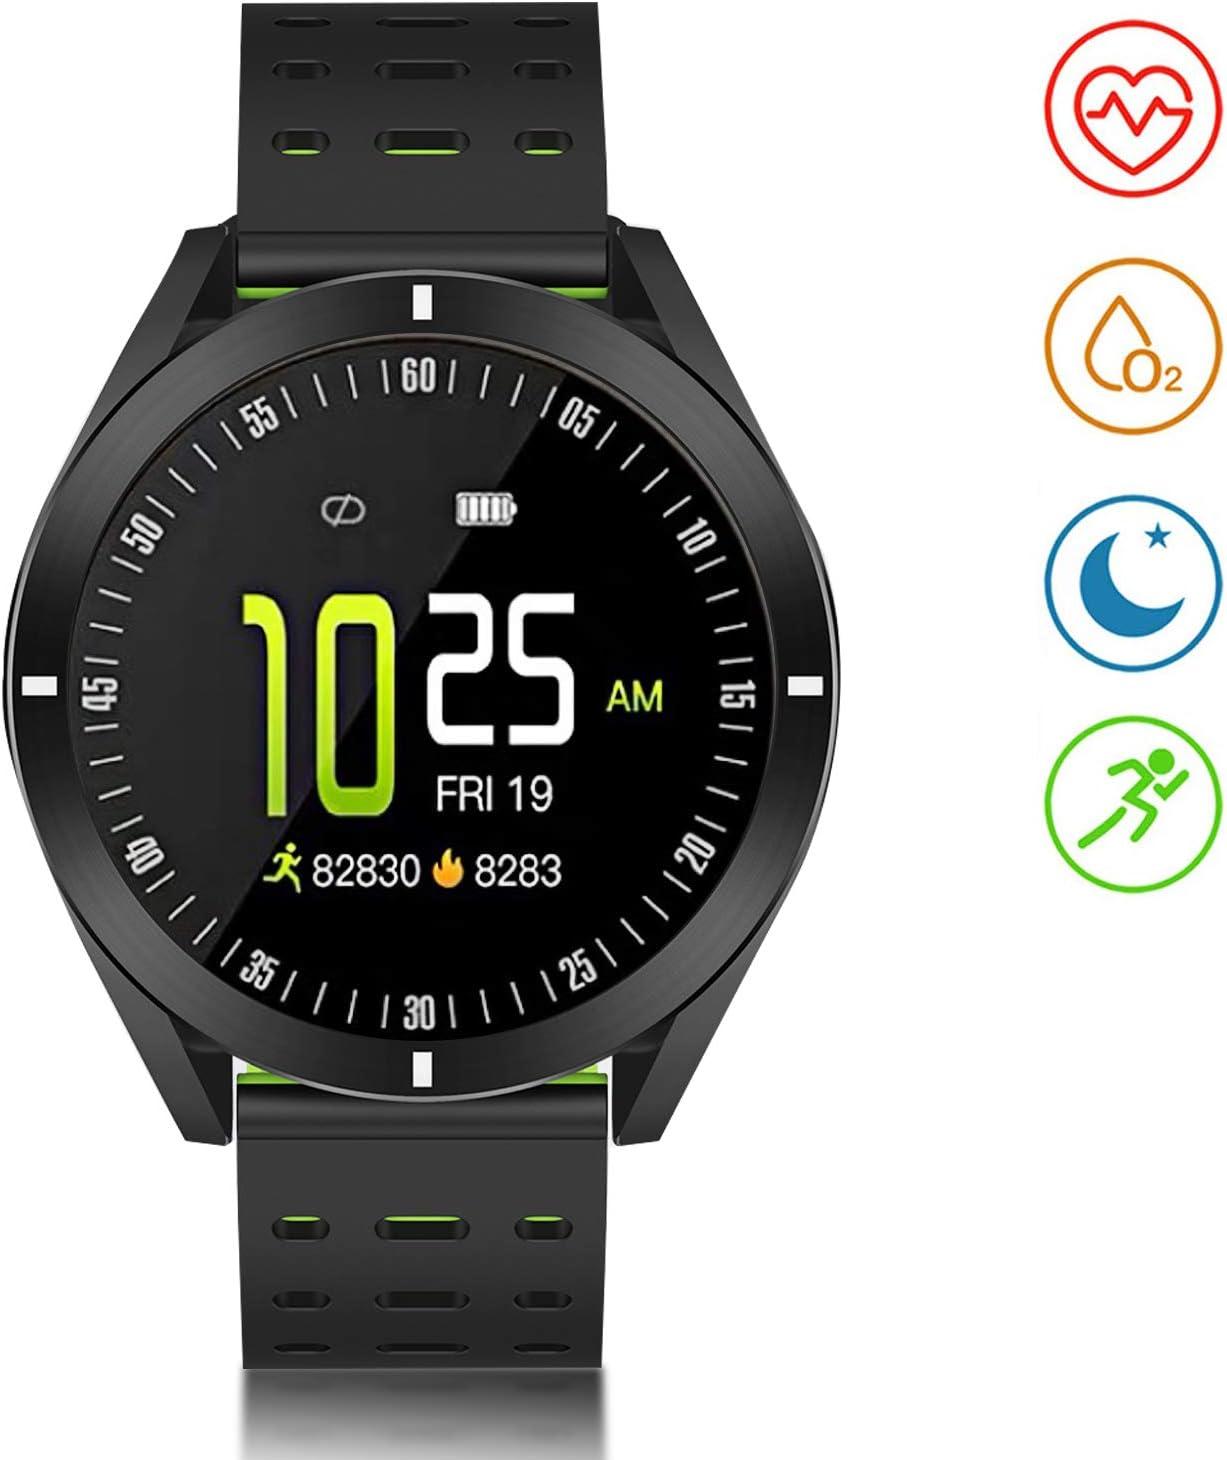 Smartwatch, Reloj Inteligente Impermeable con GPS Monitor de Ritmo Cardíaco Podómetro Cronómetro Pulsera Actividad de Fitness con Podómetro Smart Watch Mujer Hombre niños para iOS y Android (Verde.)